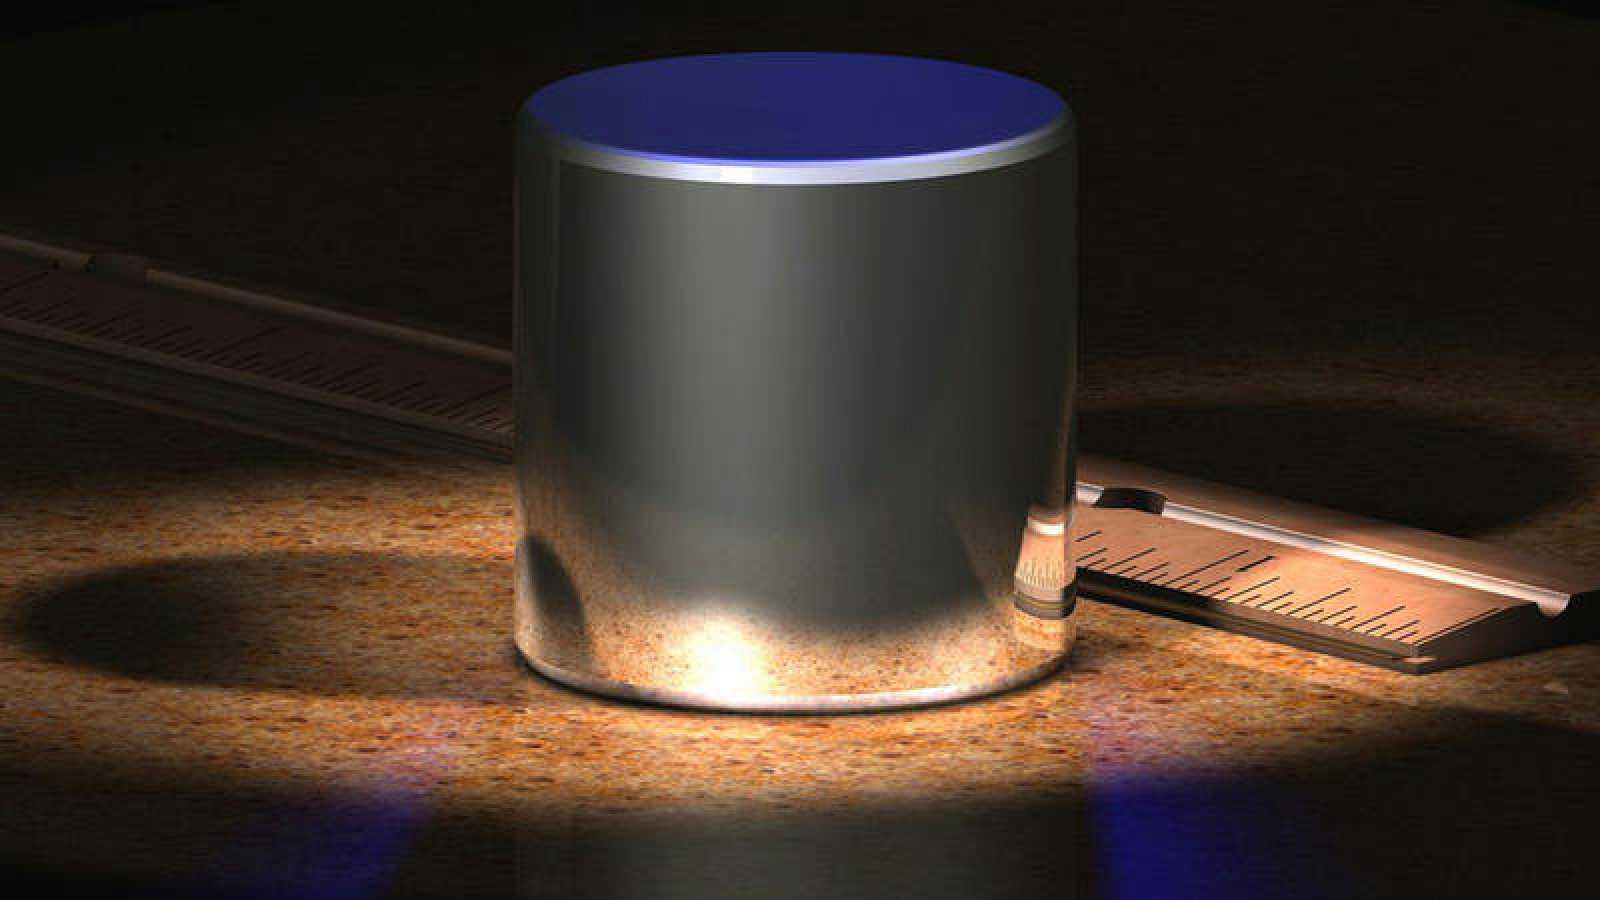 El patrón internacional del kilogramo es un cilindro de iridio y platino que se guarda en la Oficina Internacional de Pesas y Medidas en Sèvres, cerca de París